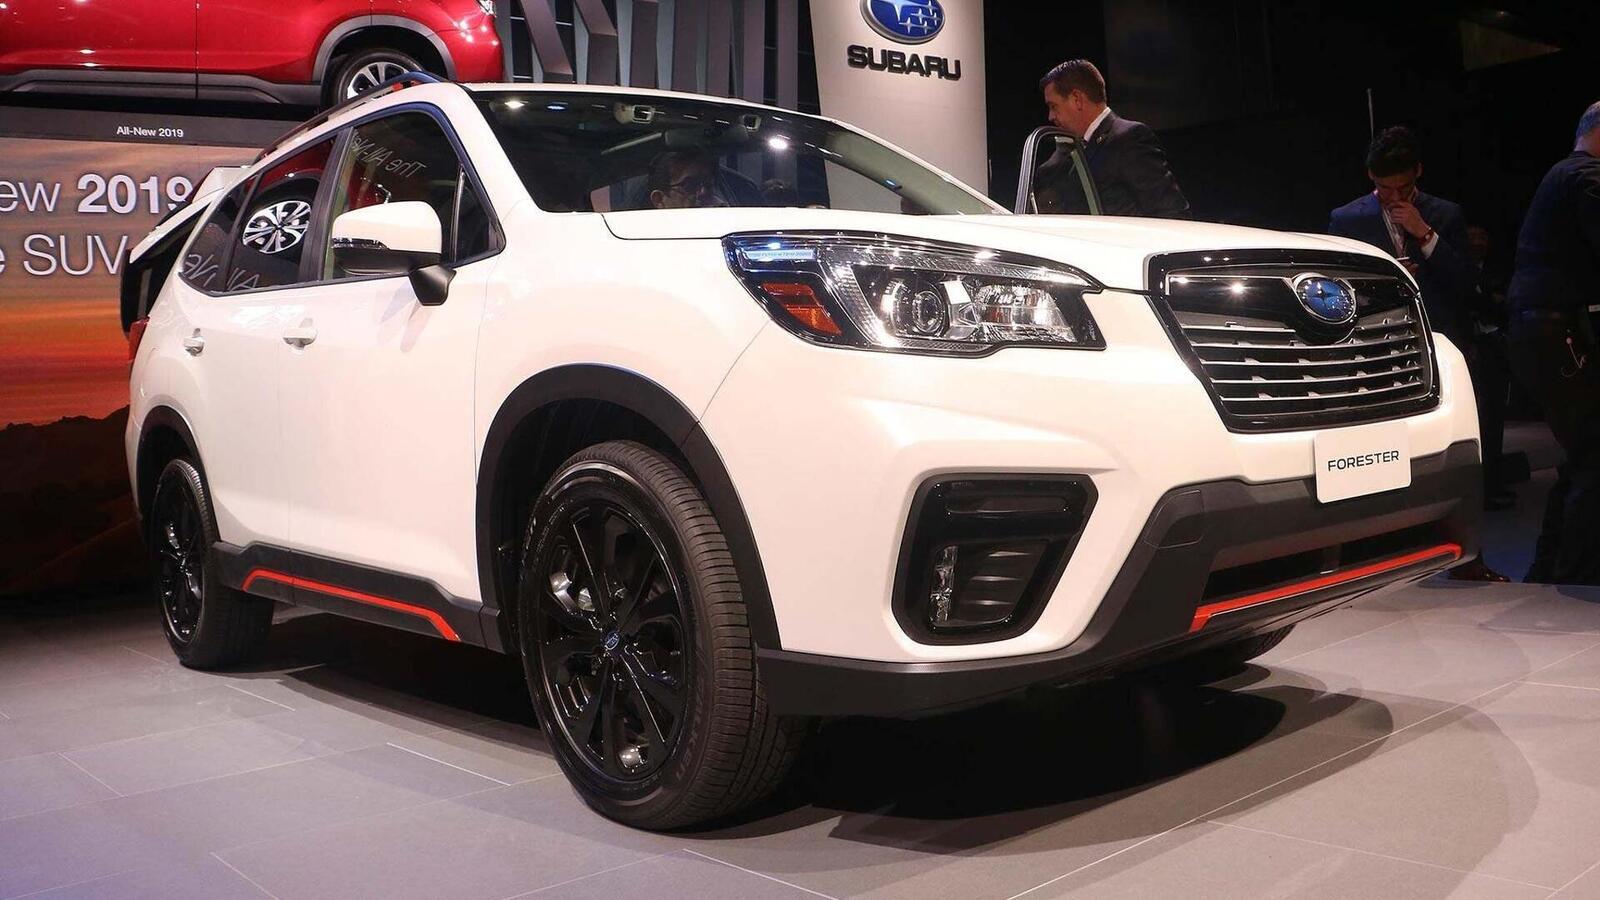 Subaru Forester 2019: Thay đổi nội ngoại thất, động cơ mạnh hơn, thêm nhiều phiên bản - Hình 21